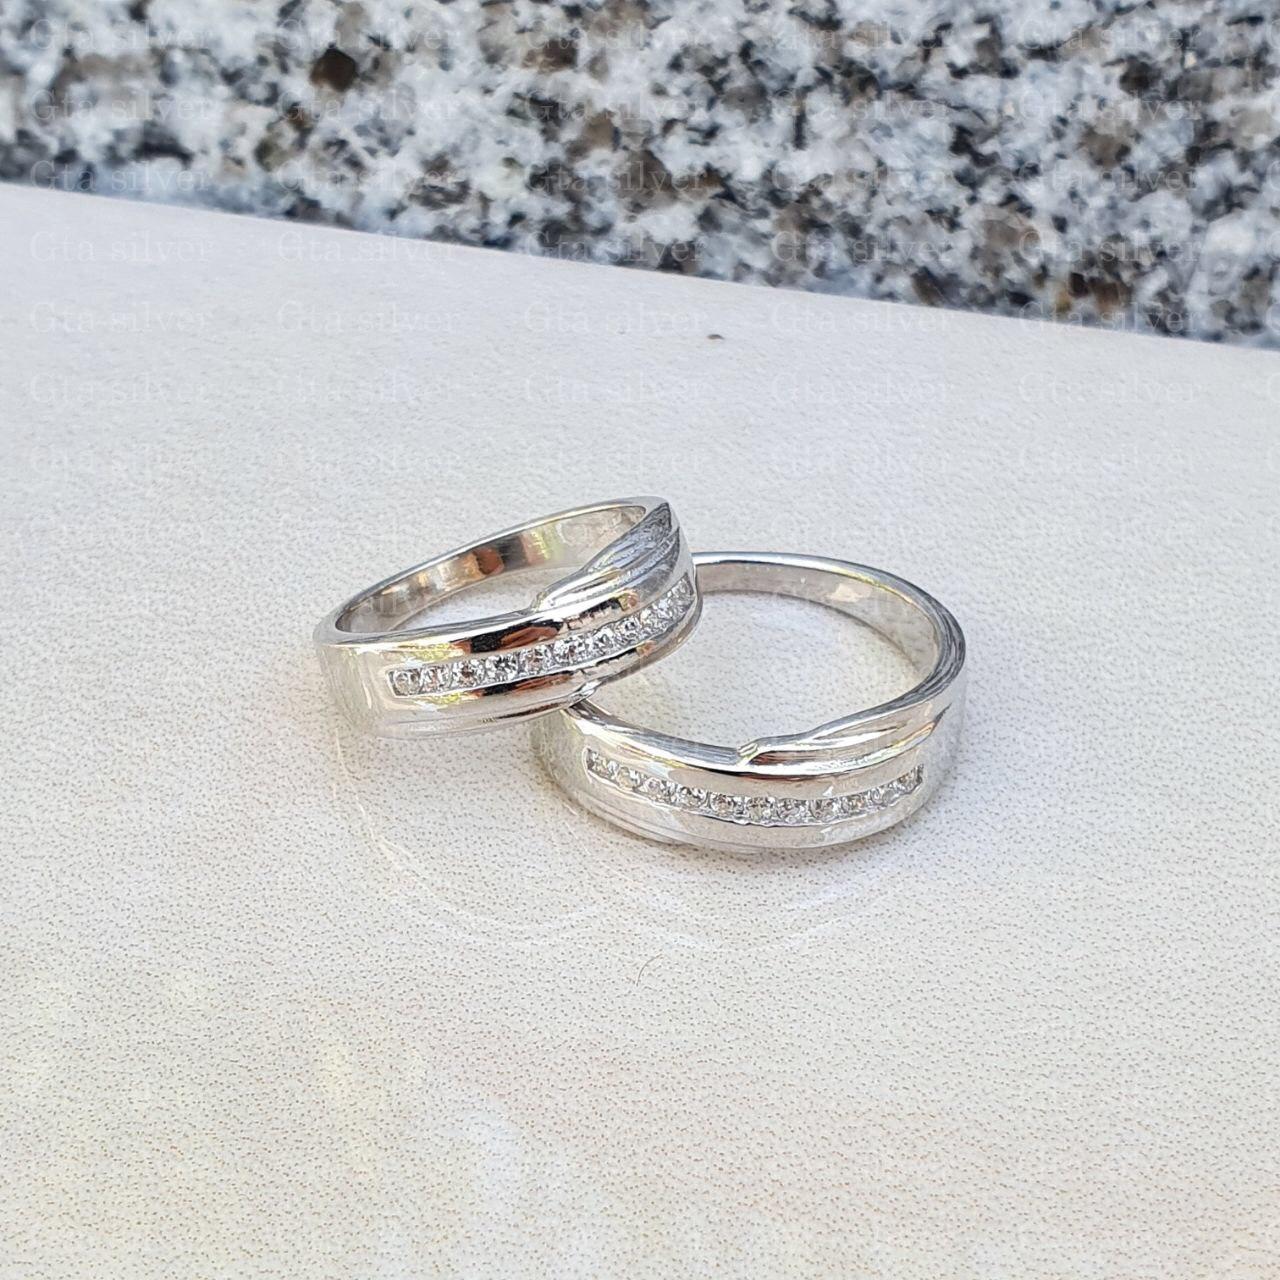 ست حلقه ازدواج وزن 6.5 گرم مدل 41